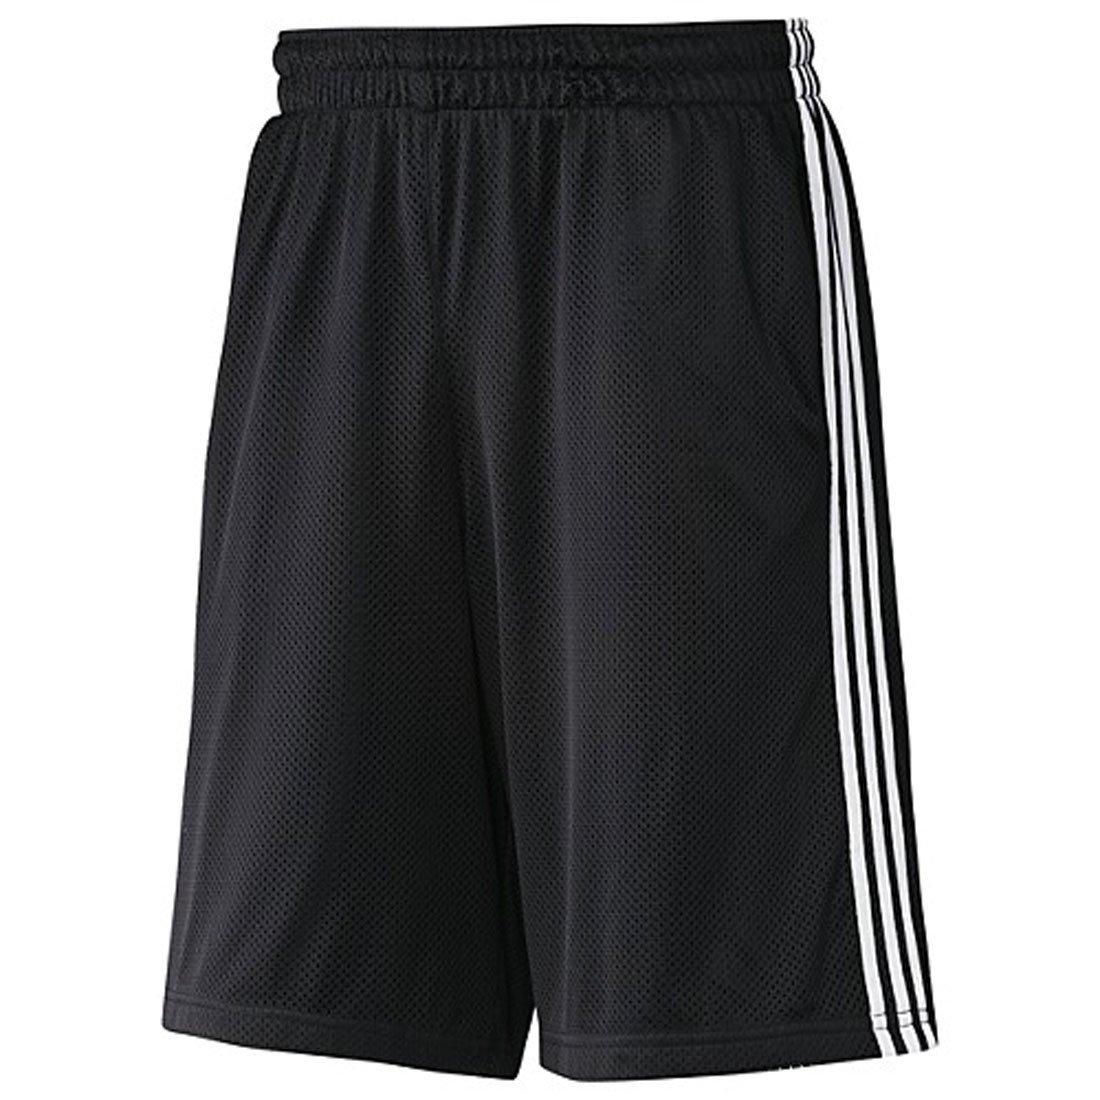 shorts-sans-cosplay